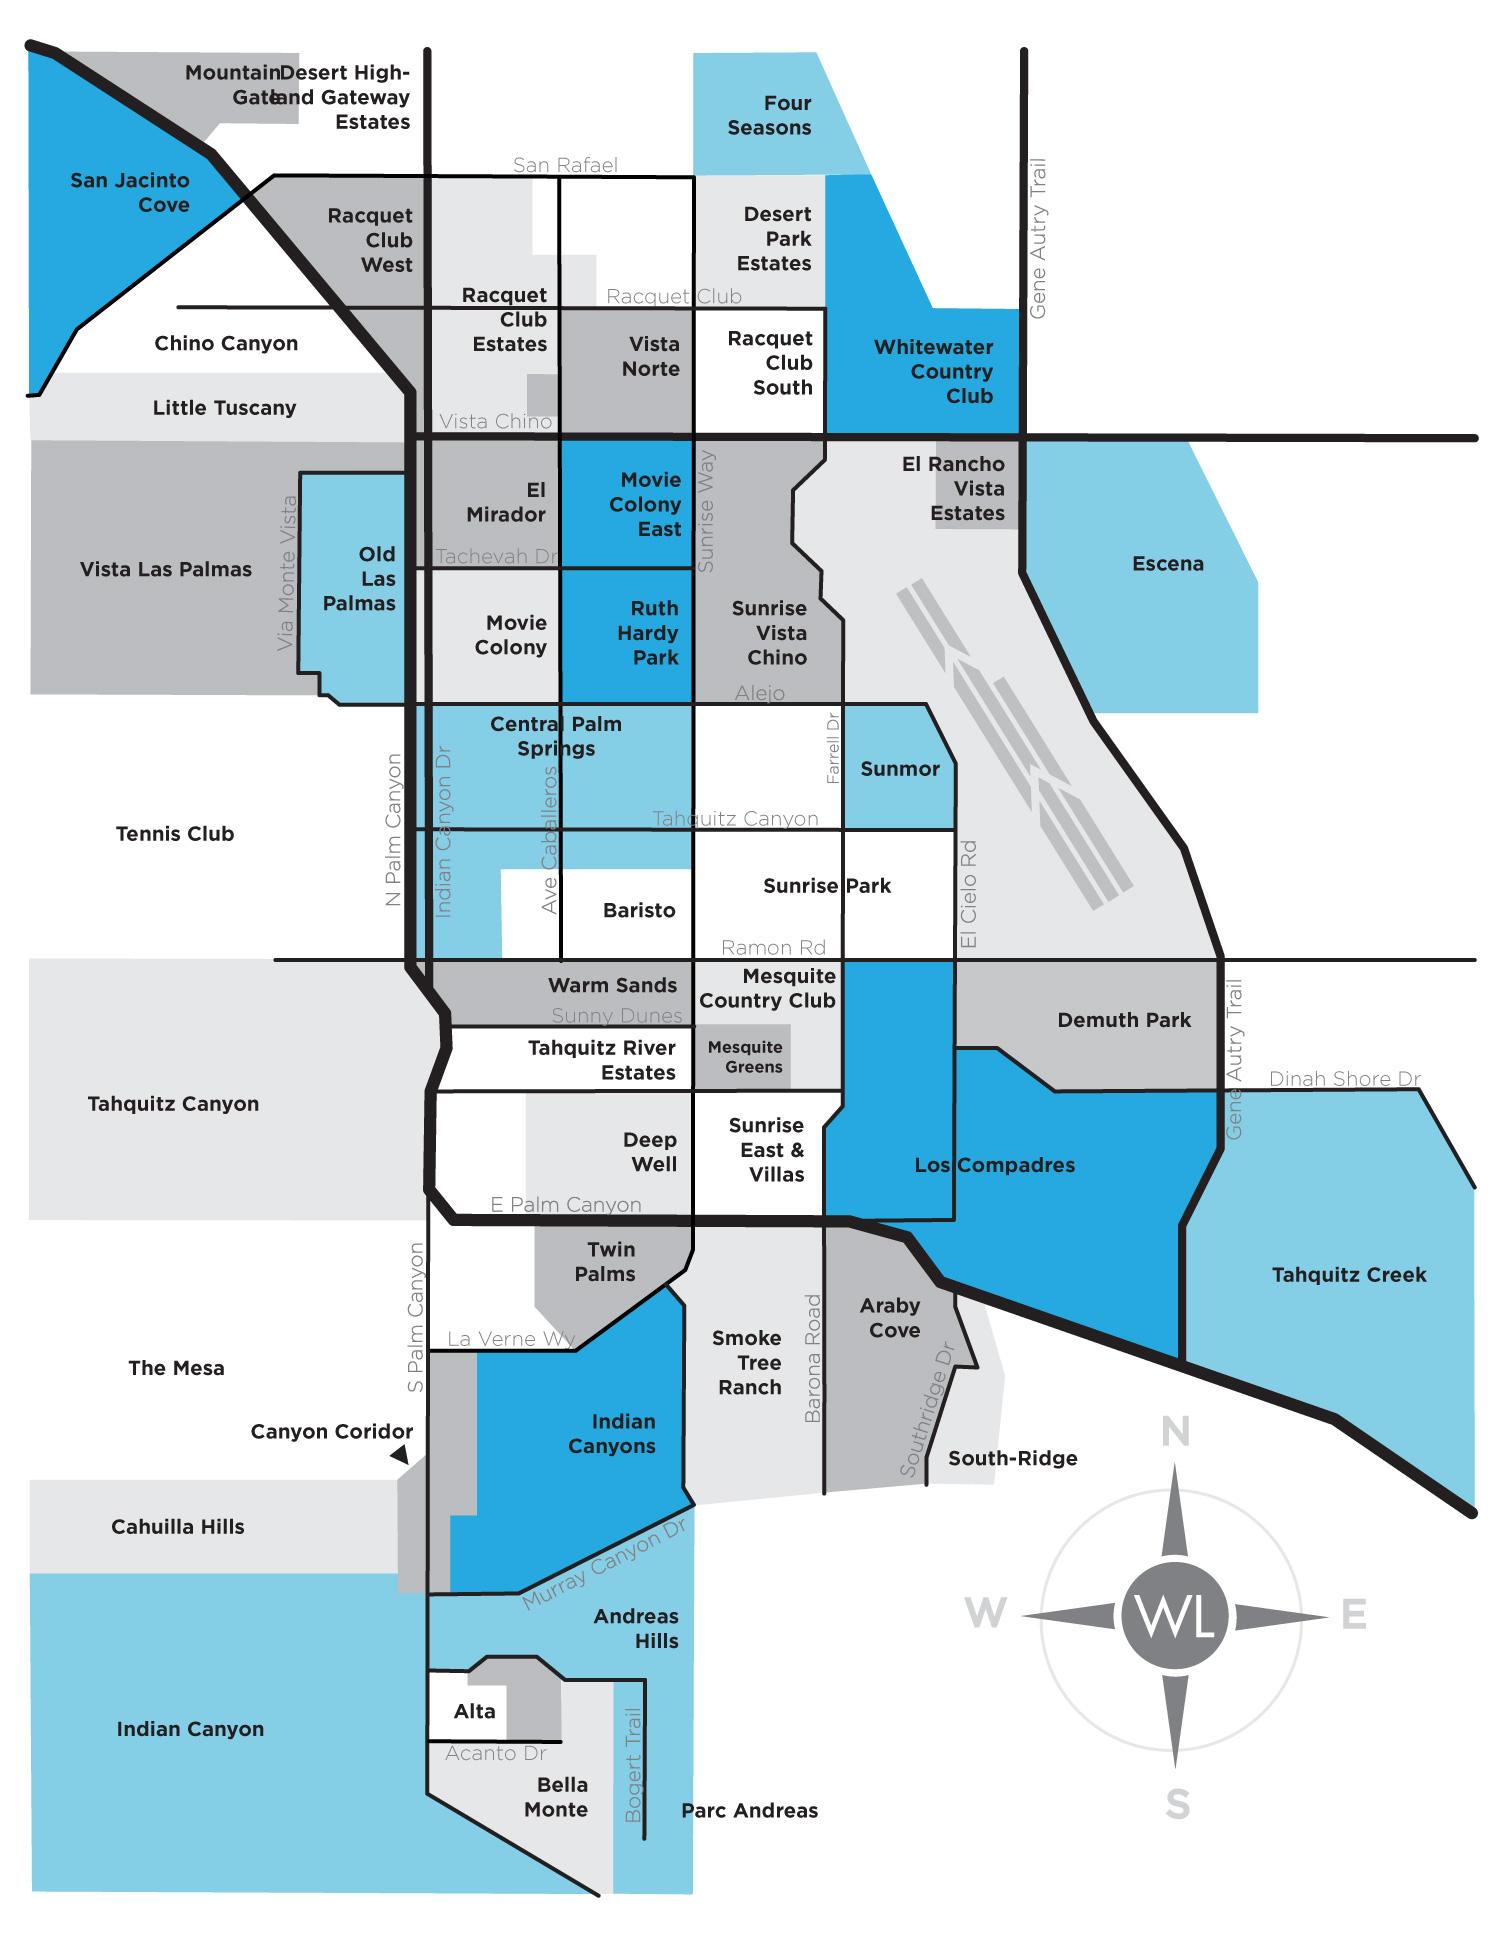 William Landesman Neighborhood Map